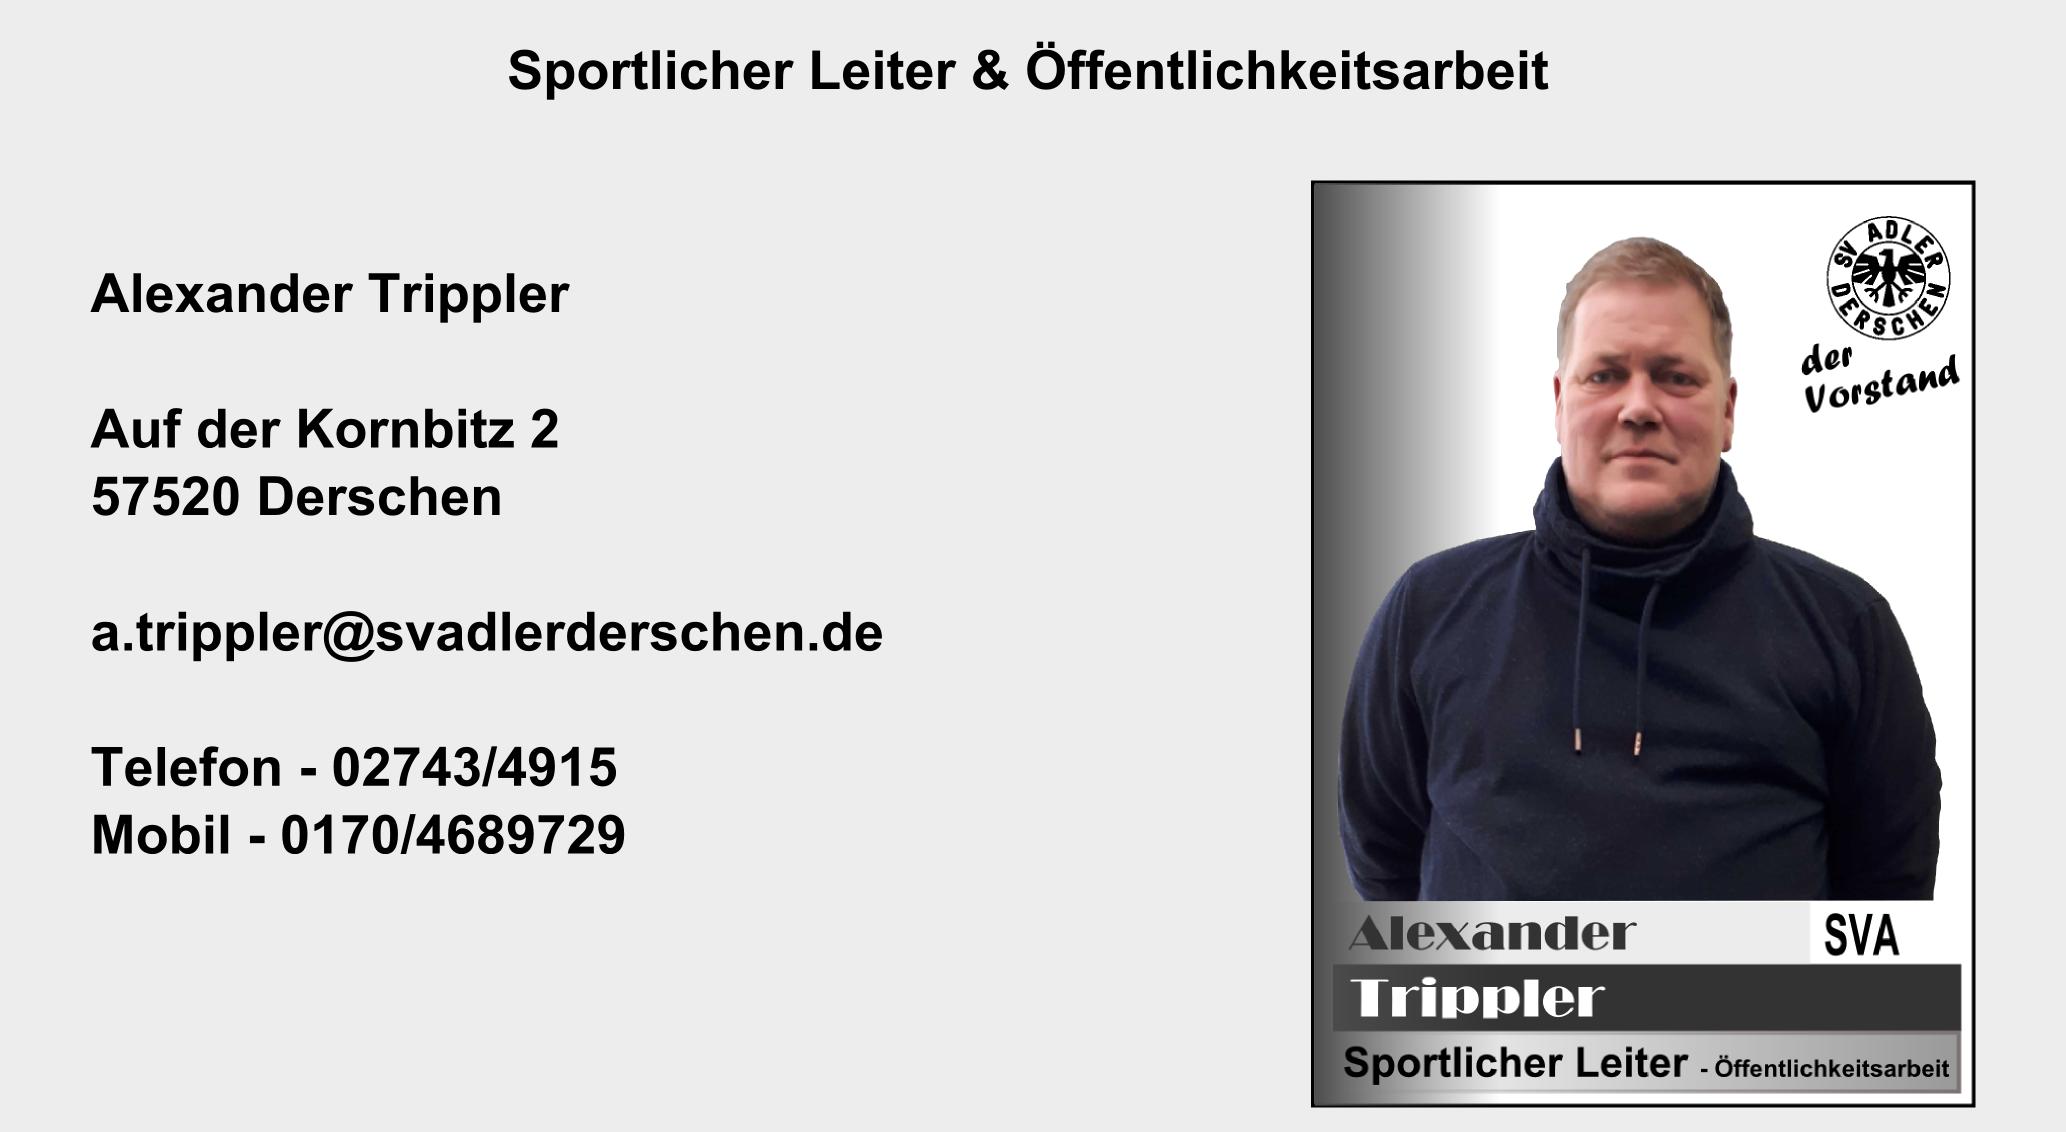 Charmant Schriftsteller Direktor Lebenslauf Ideen - Beispiel ...